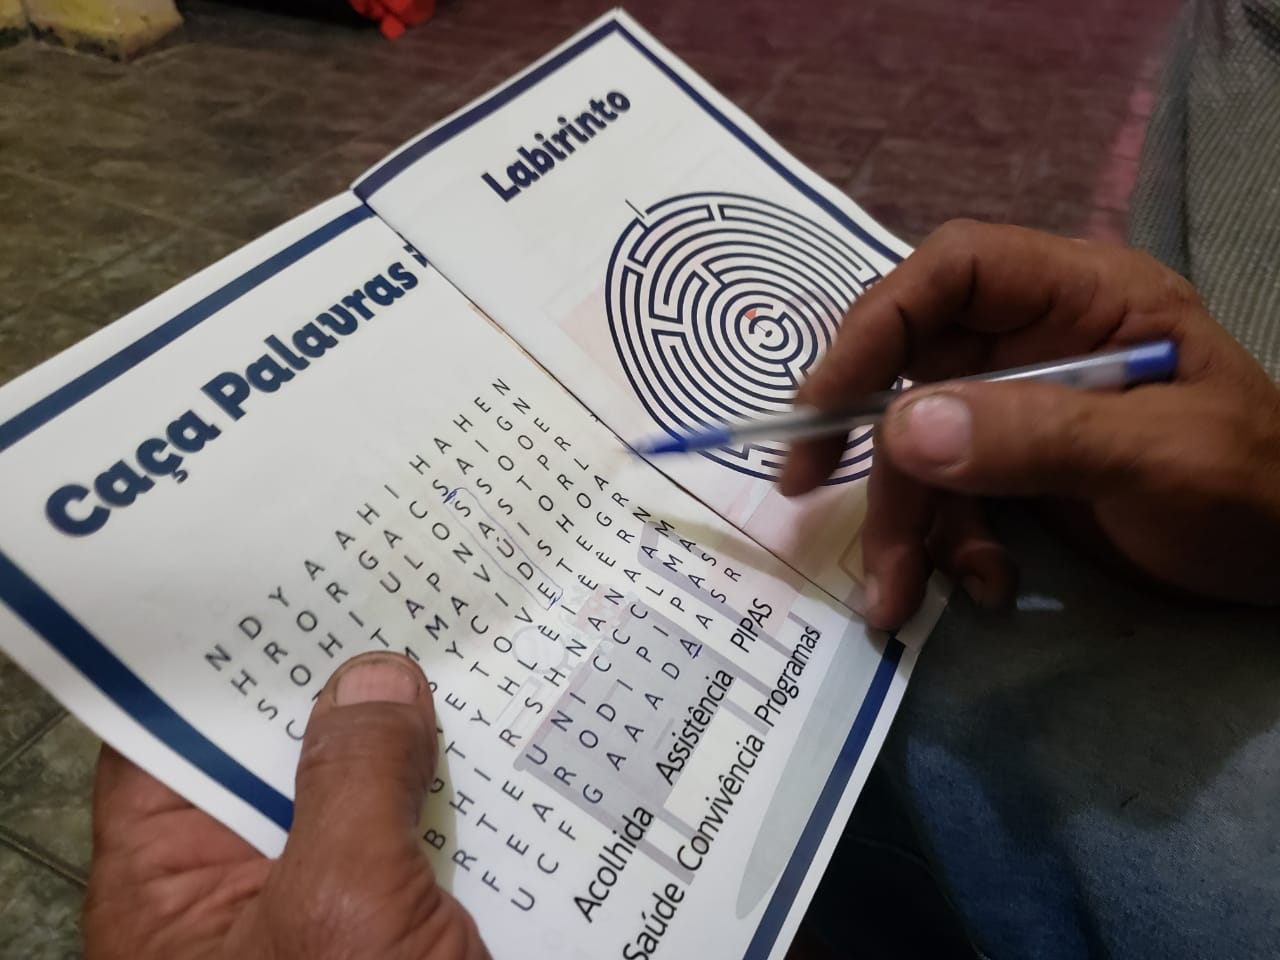 Assistência Social de Nova Iguaçu ajuda a manter idosos ativos em meio à pandemia com jogos de memória e palavras cruzadas